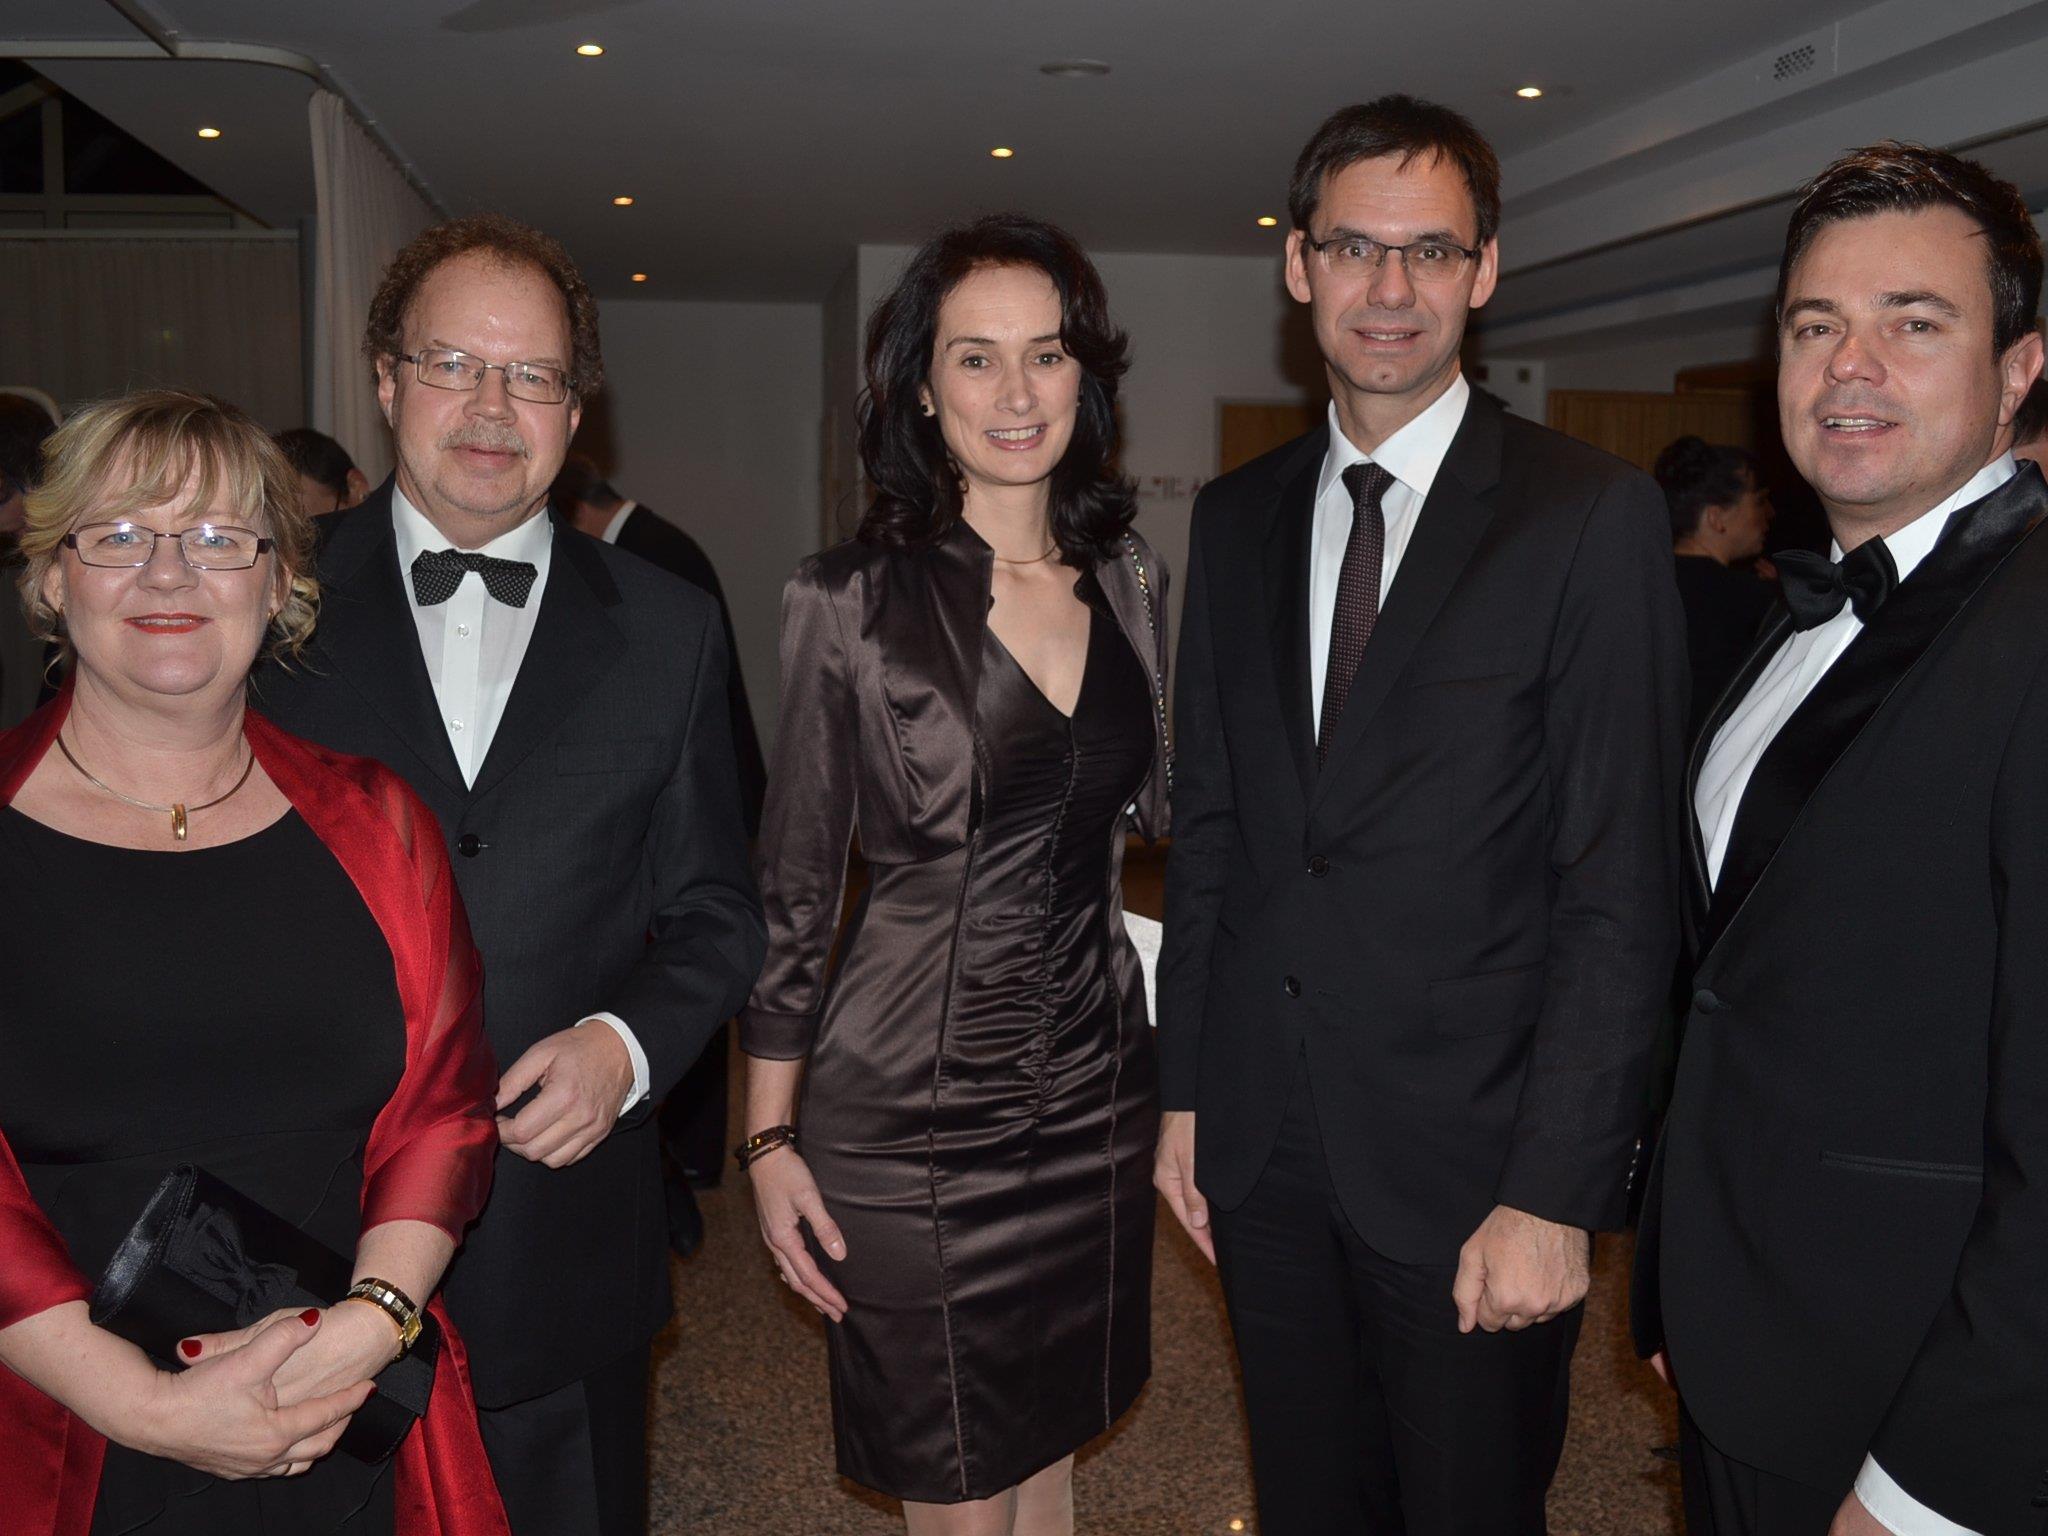 Florian Kasseroler mit Angelika, LH Markus Wallner mit Sonja sowie Sandro Preite.